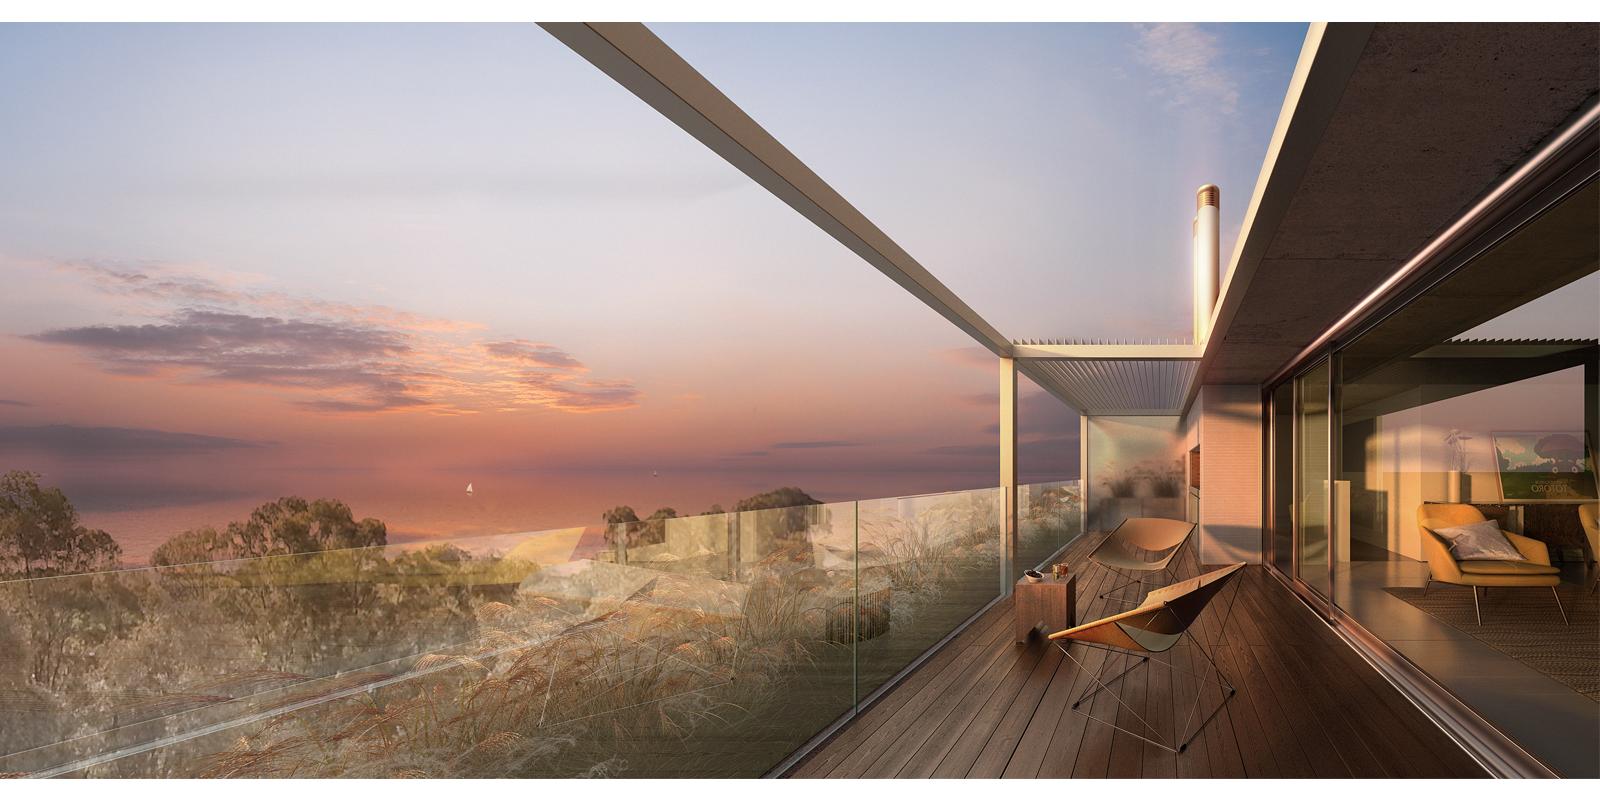 ProyectoC_Arquitectos_Portfolio_06_Solis